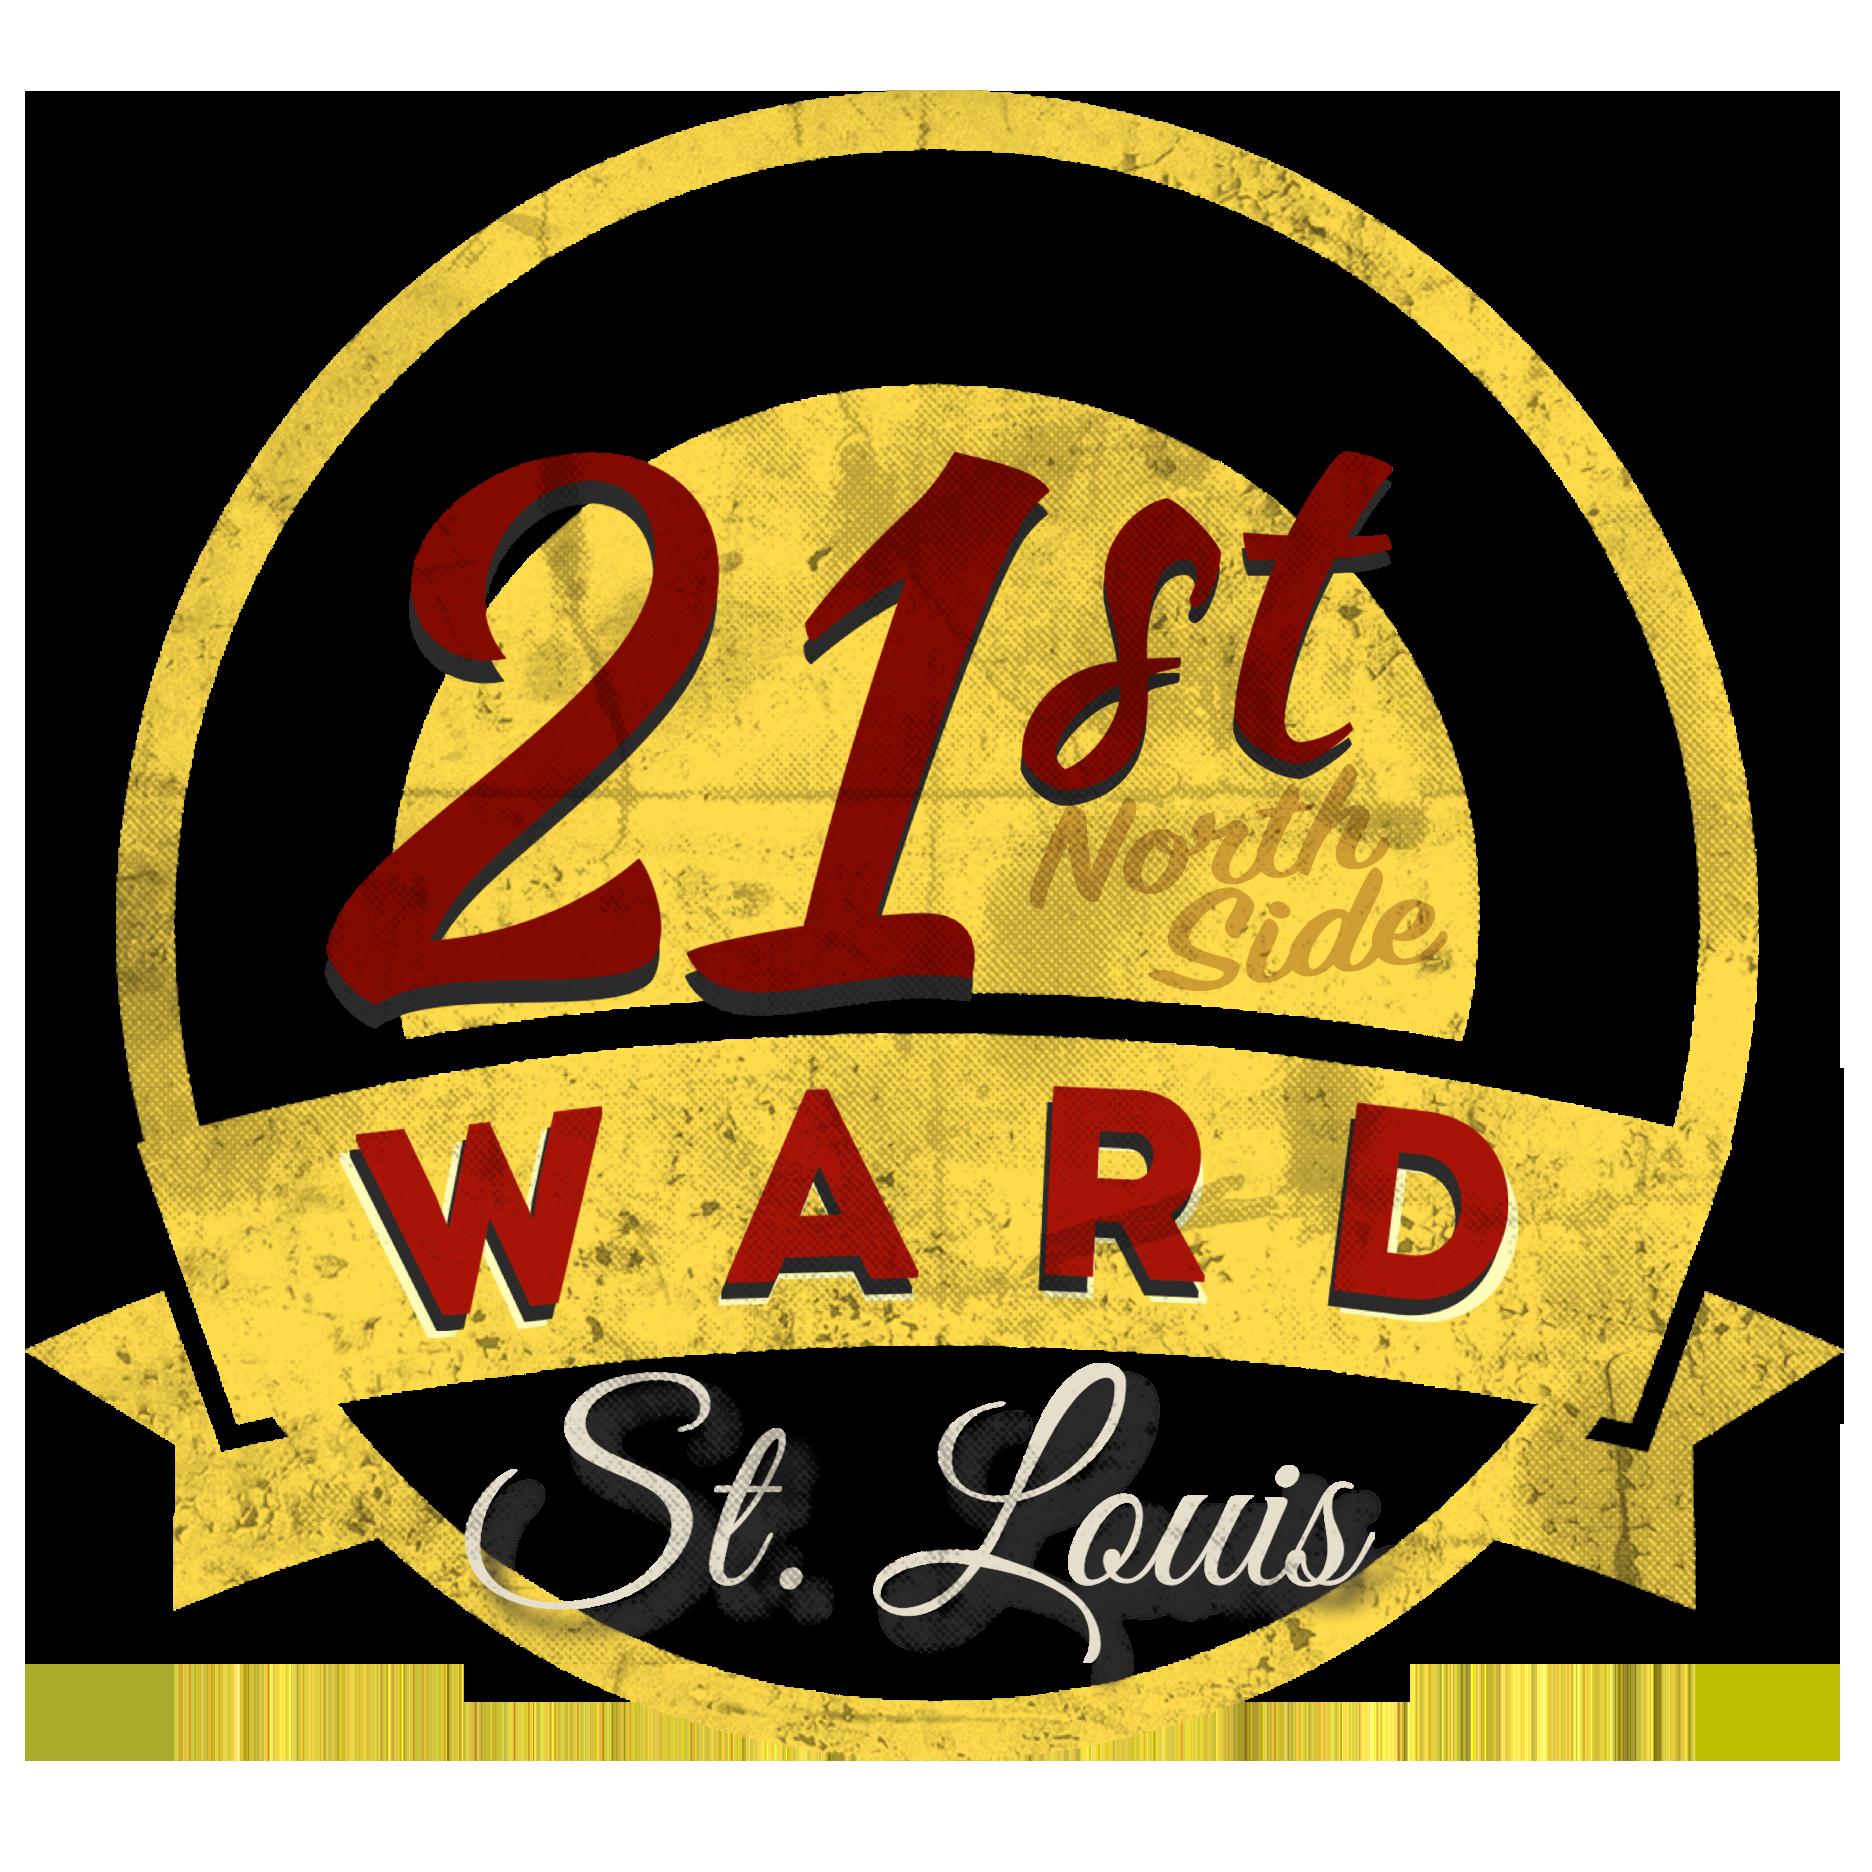 21st Ward